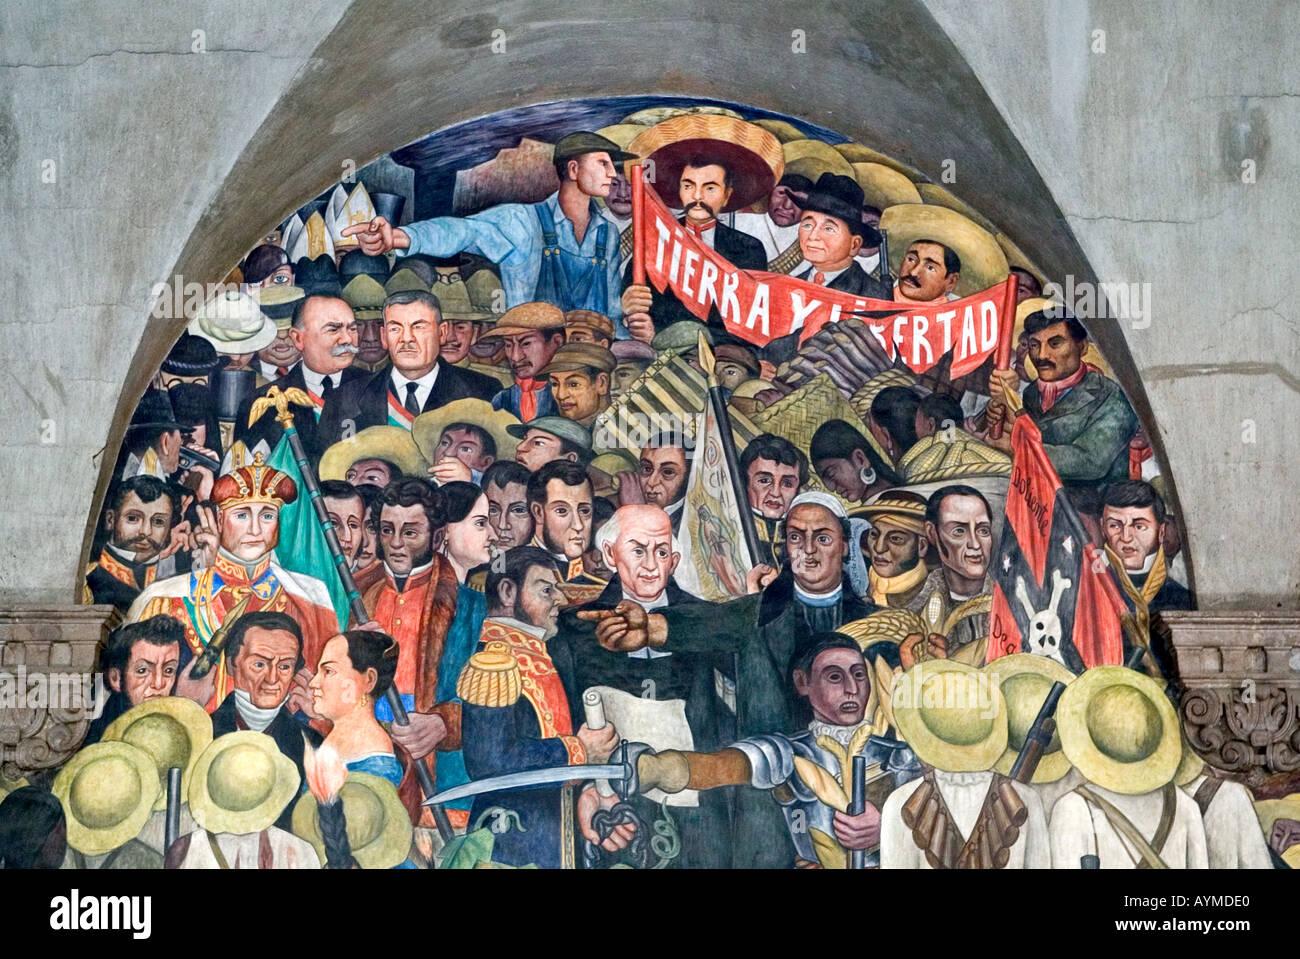 Diego rivera mural palacio nacional 85320 notefolio for Diego rivera mural palacio nacional